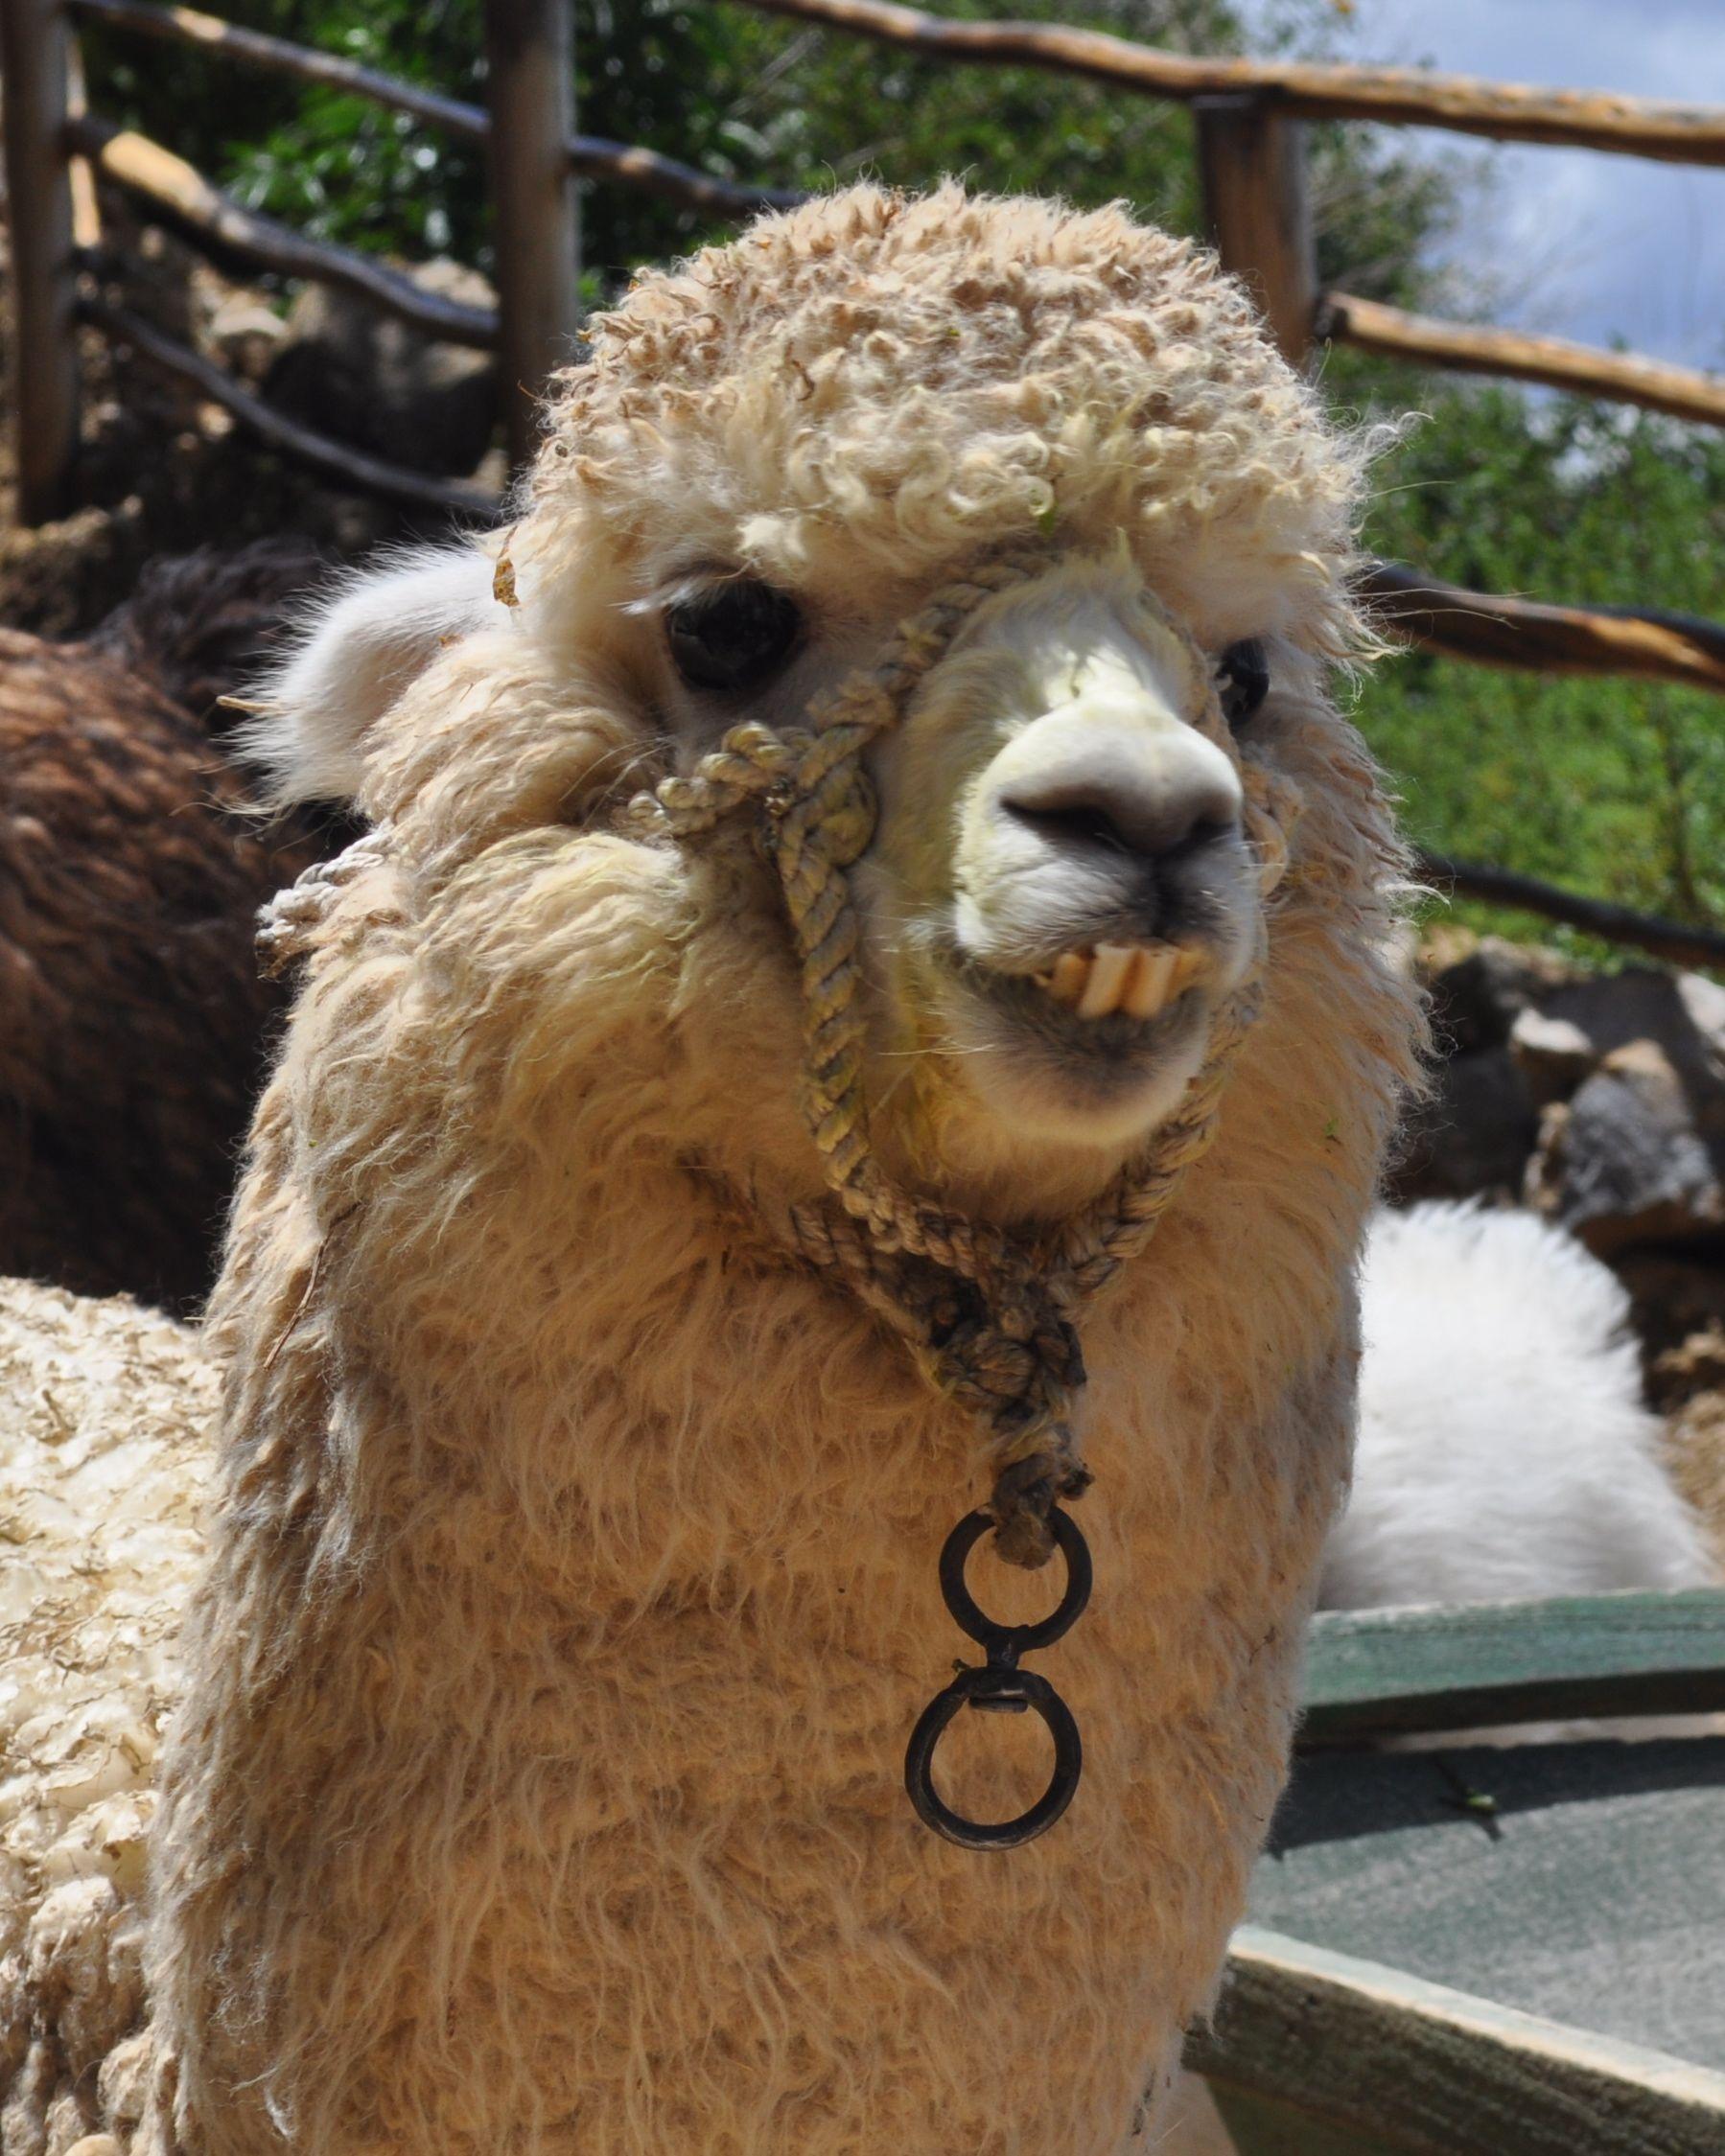 #Llama #Bolivia